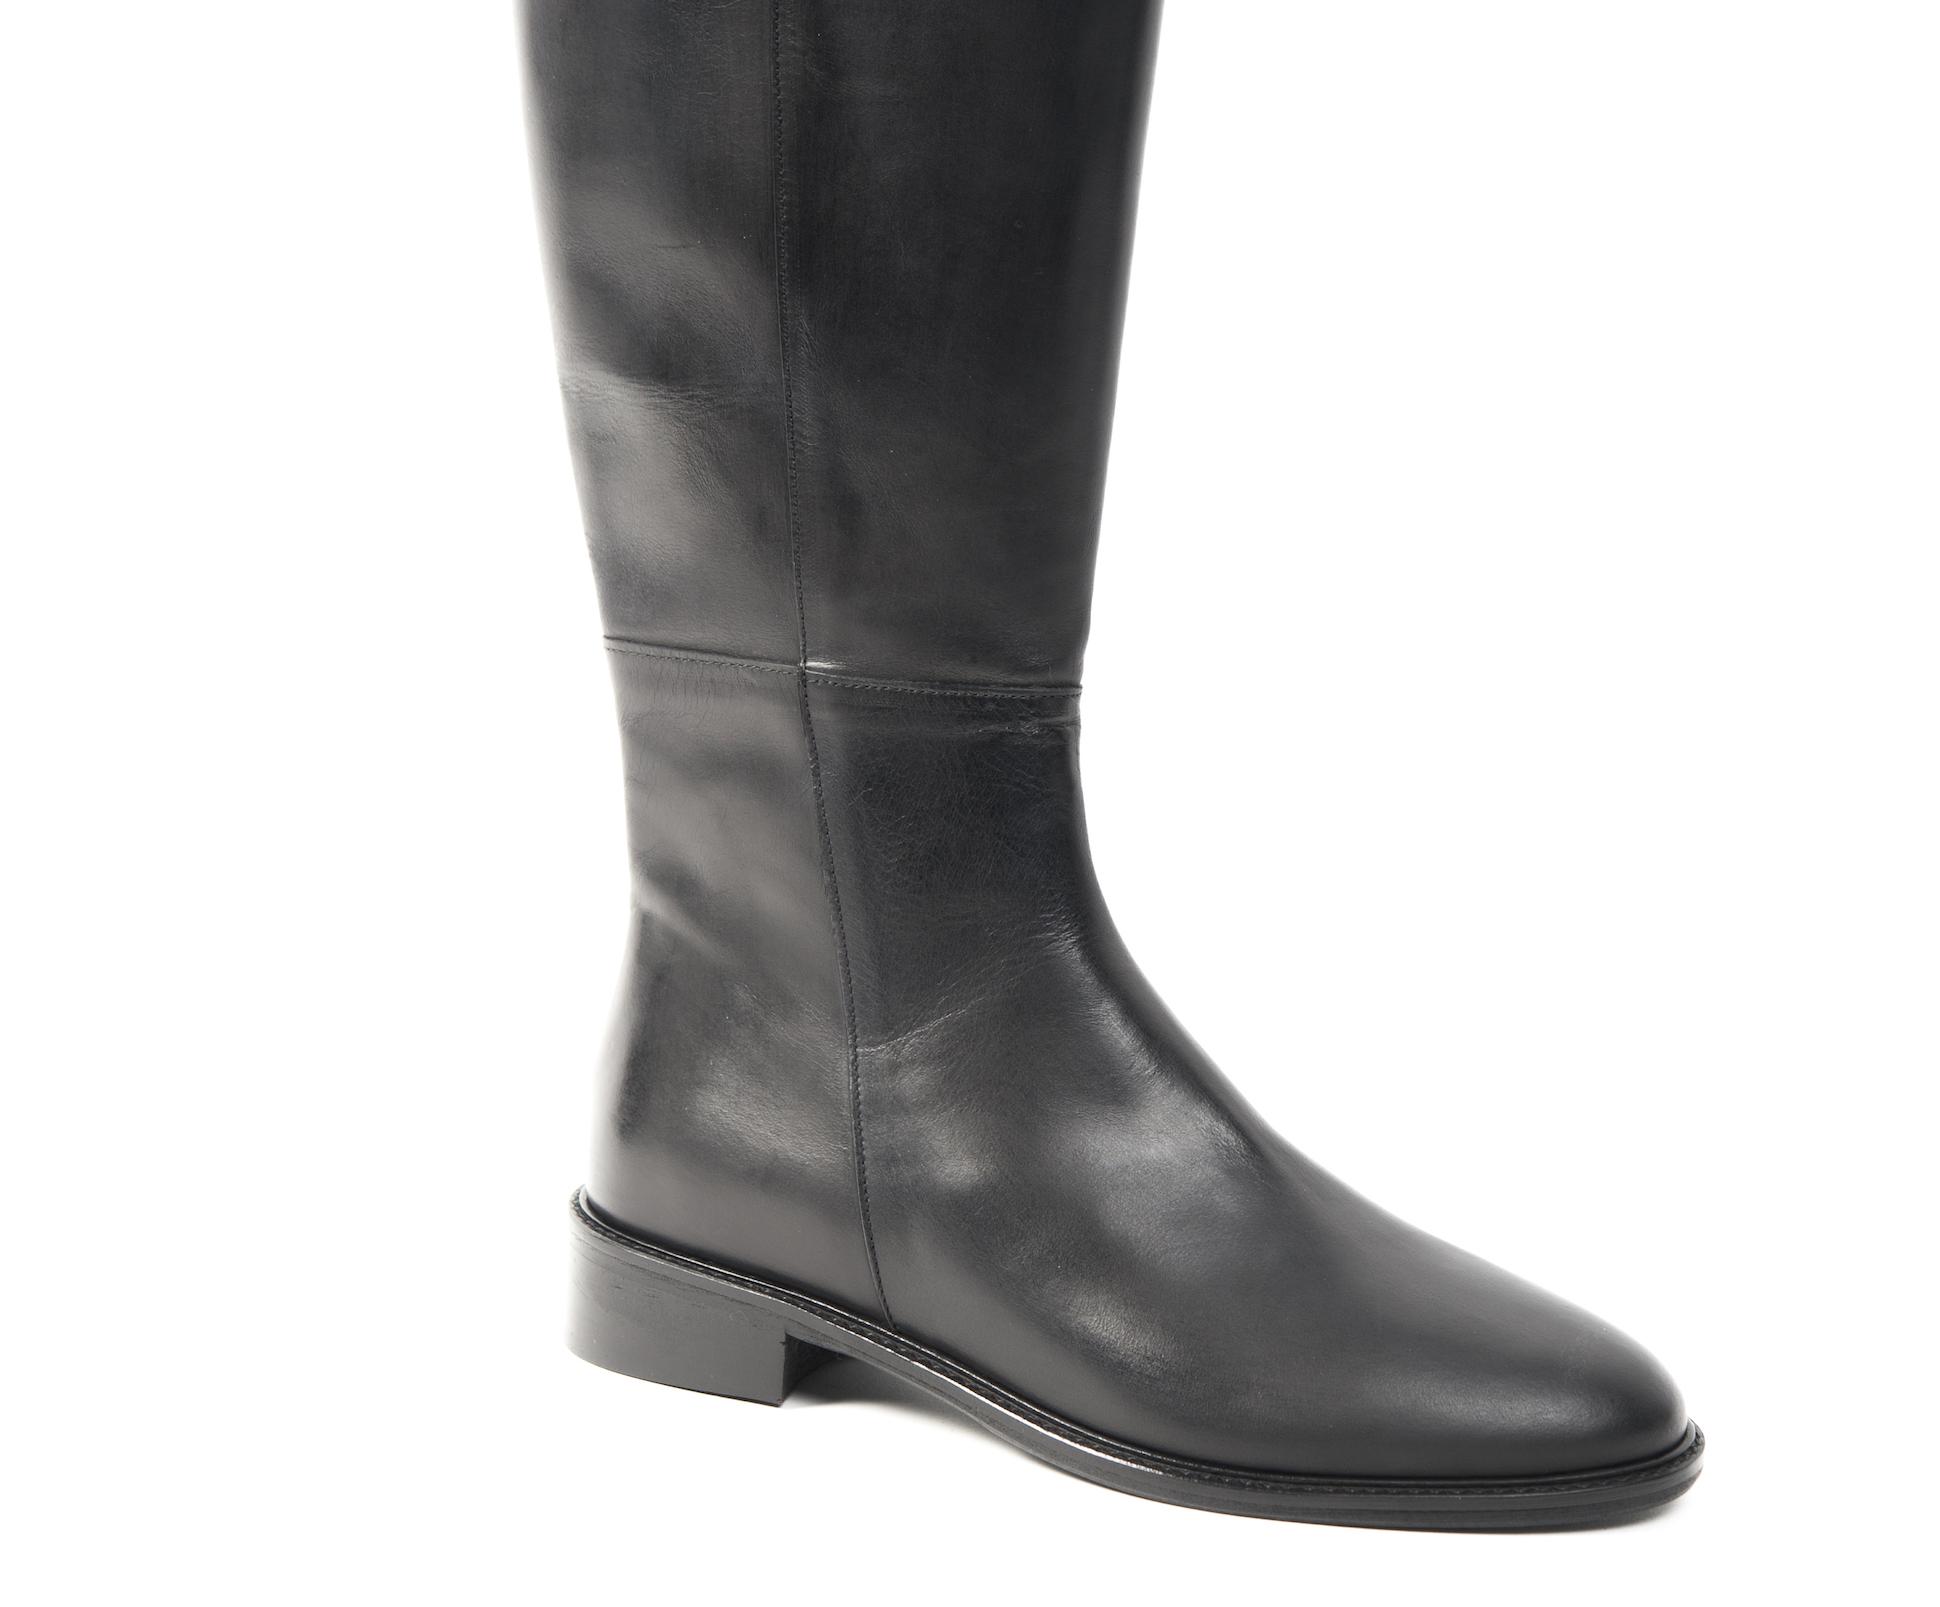 prezzo più basso ca835 4a916 Stivale classico liscio in vitello nero.